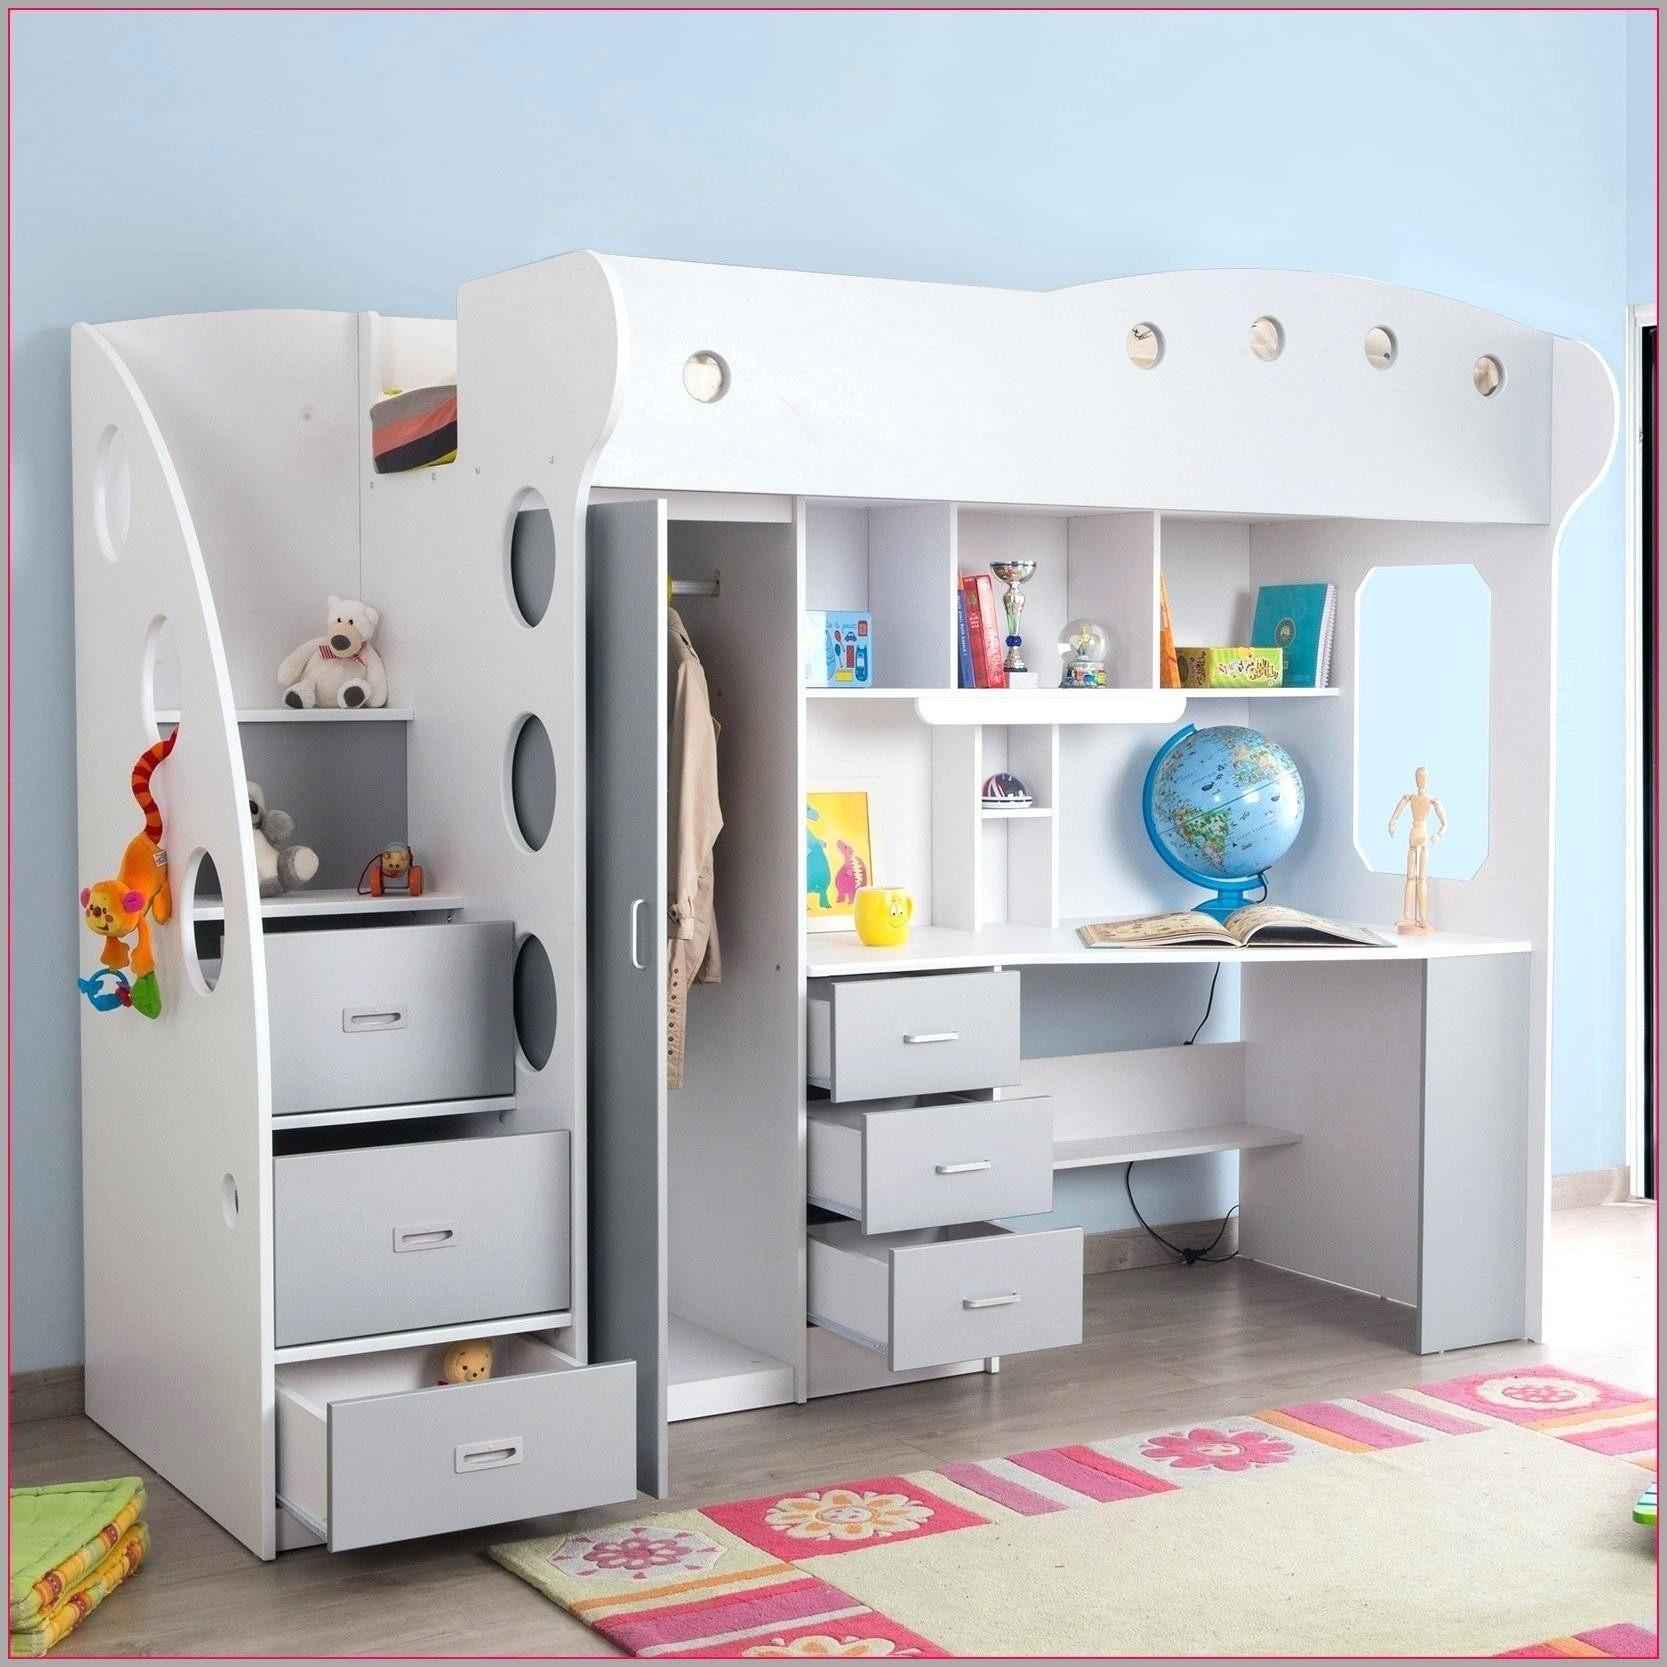 Lit Enfant Mezzanine Avec Bureau Meilleur De Divin Lit Mezzanine Avec Bureau Et Armoire Dans Bureau Enfant Gain